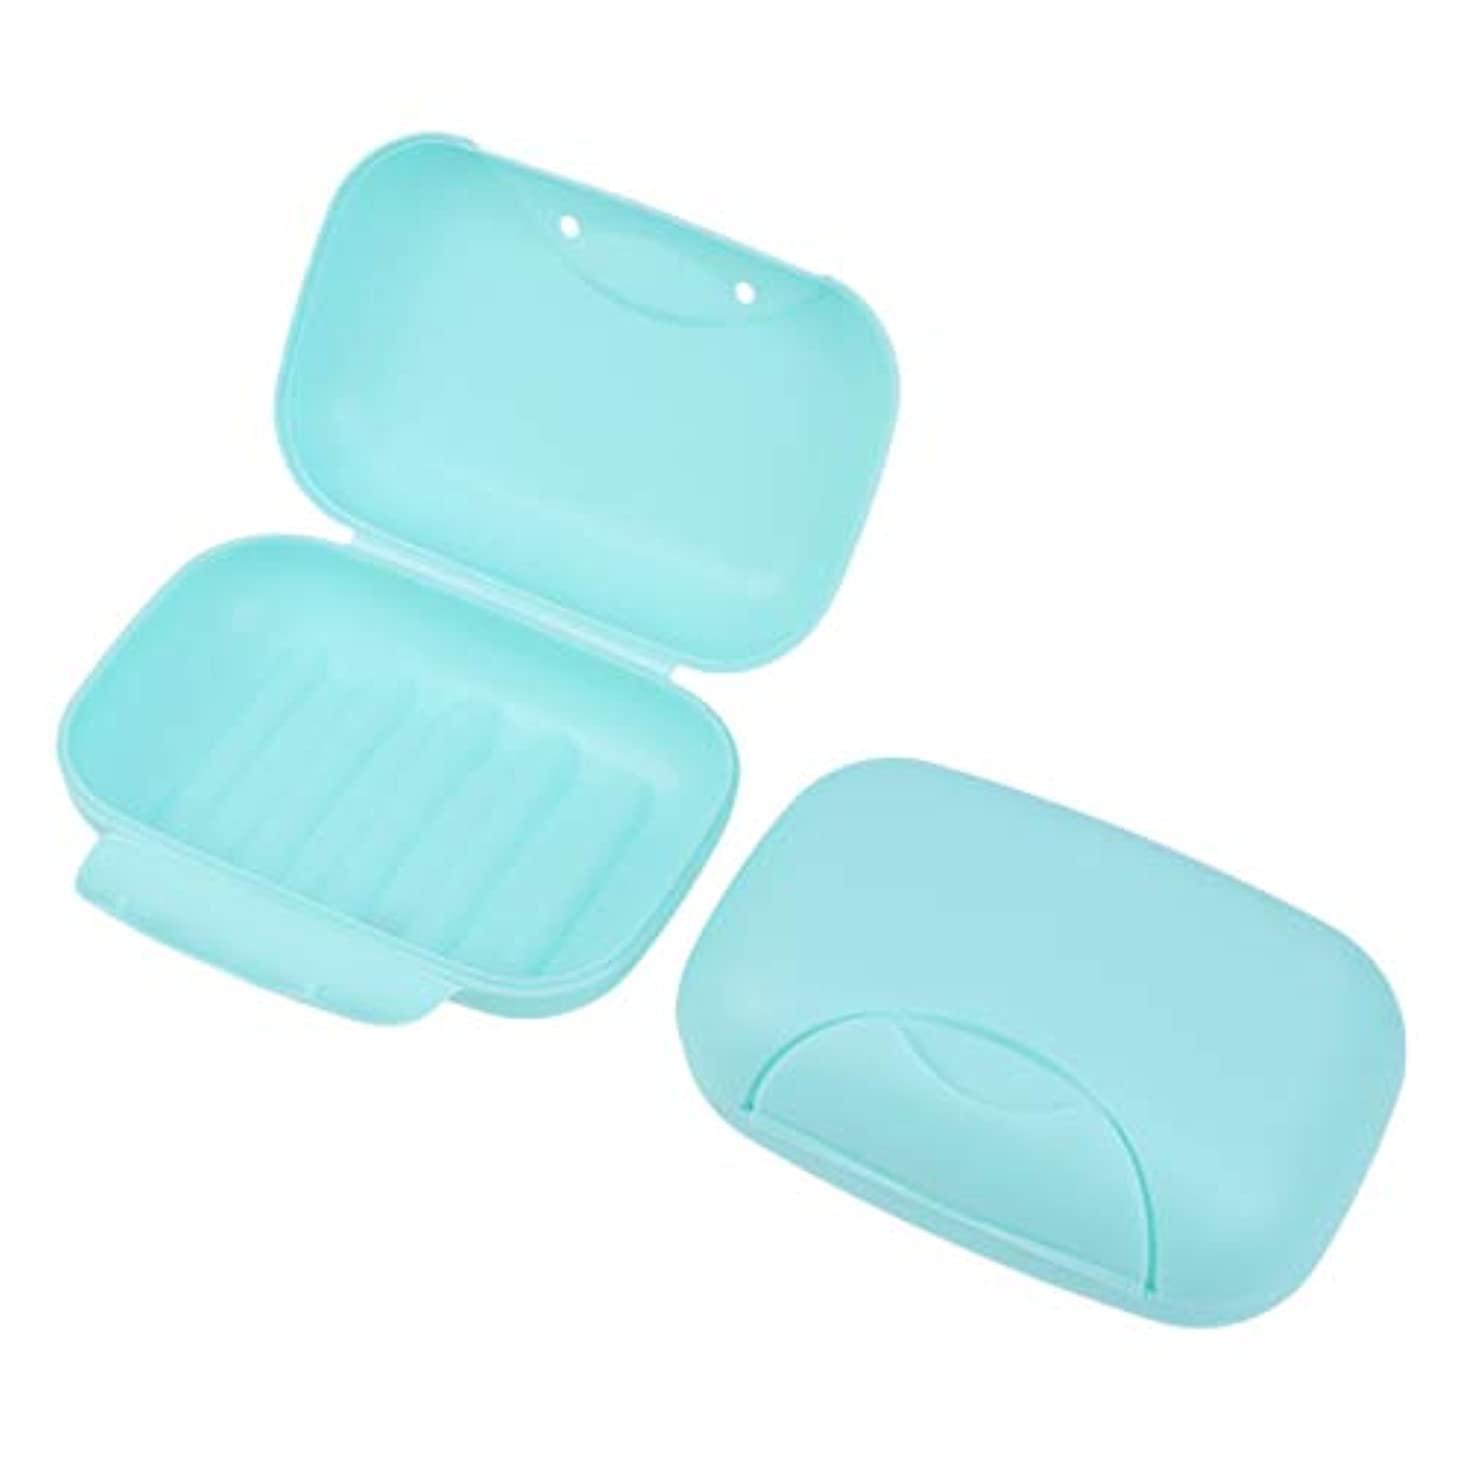 恐怖症の量超高層ビルHealifty 旅行用ソープボックス防水石鹸皿ソープホルダー2個(青)